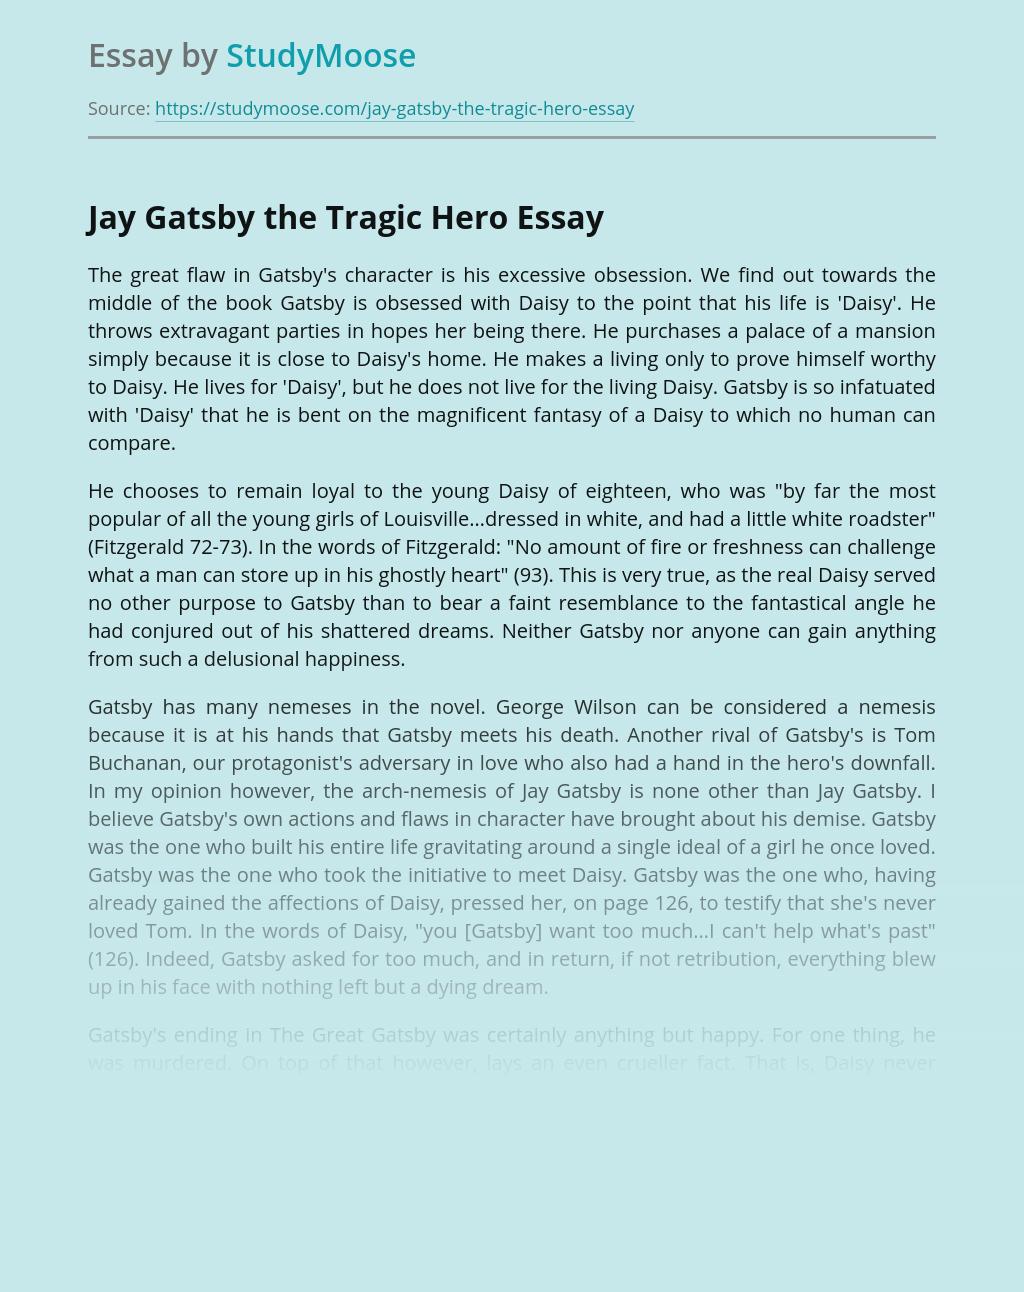 Jay Gatsby the Tragic Hero